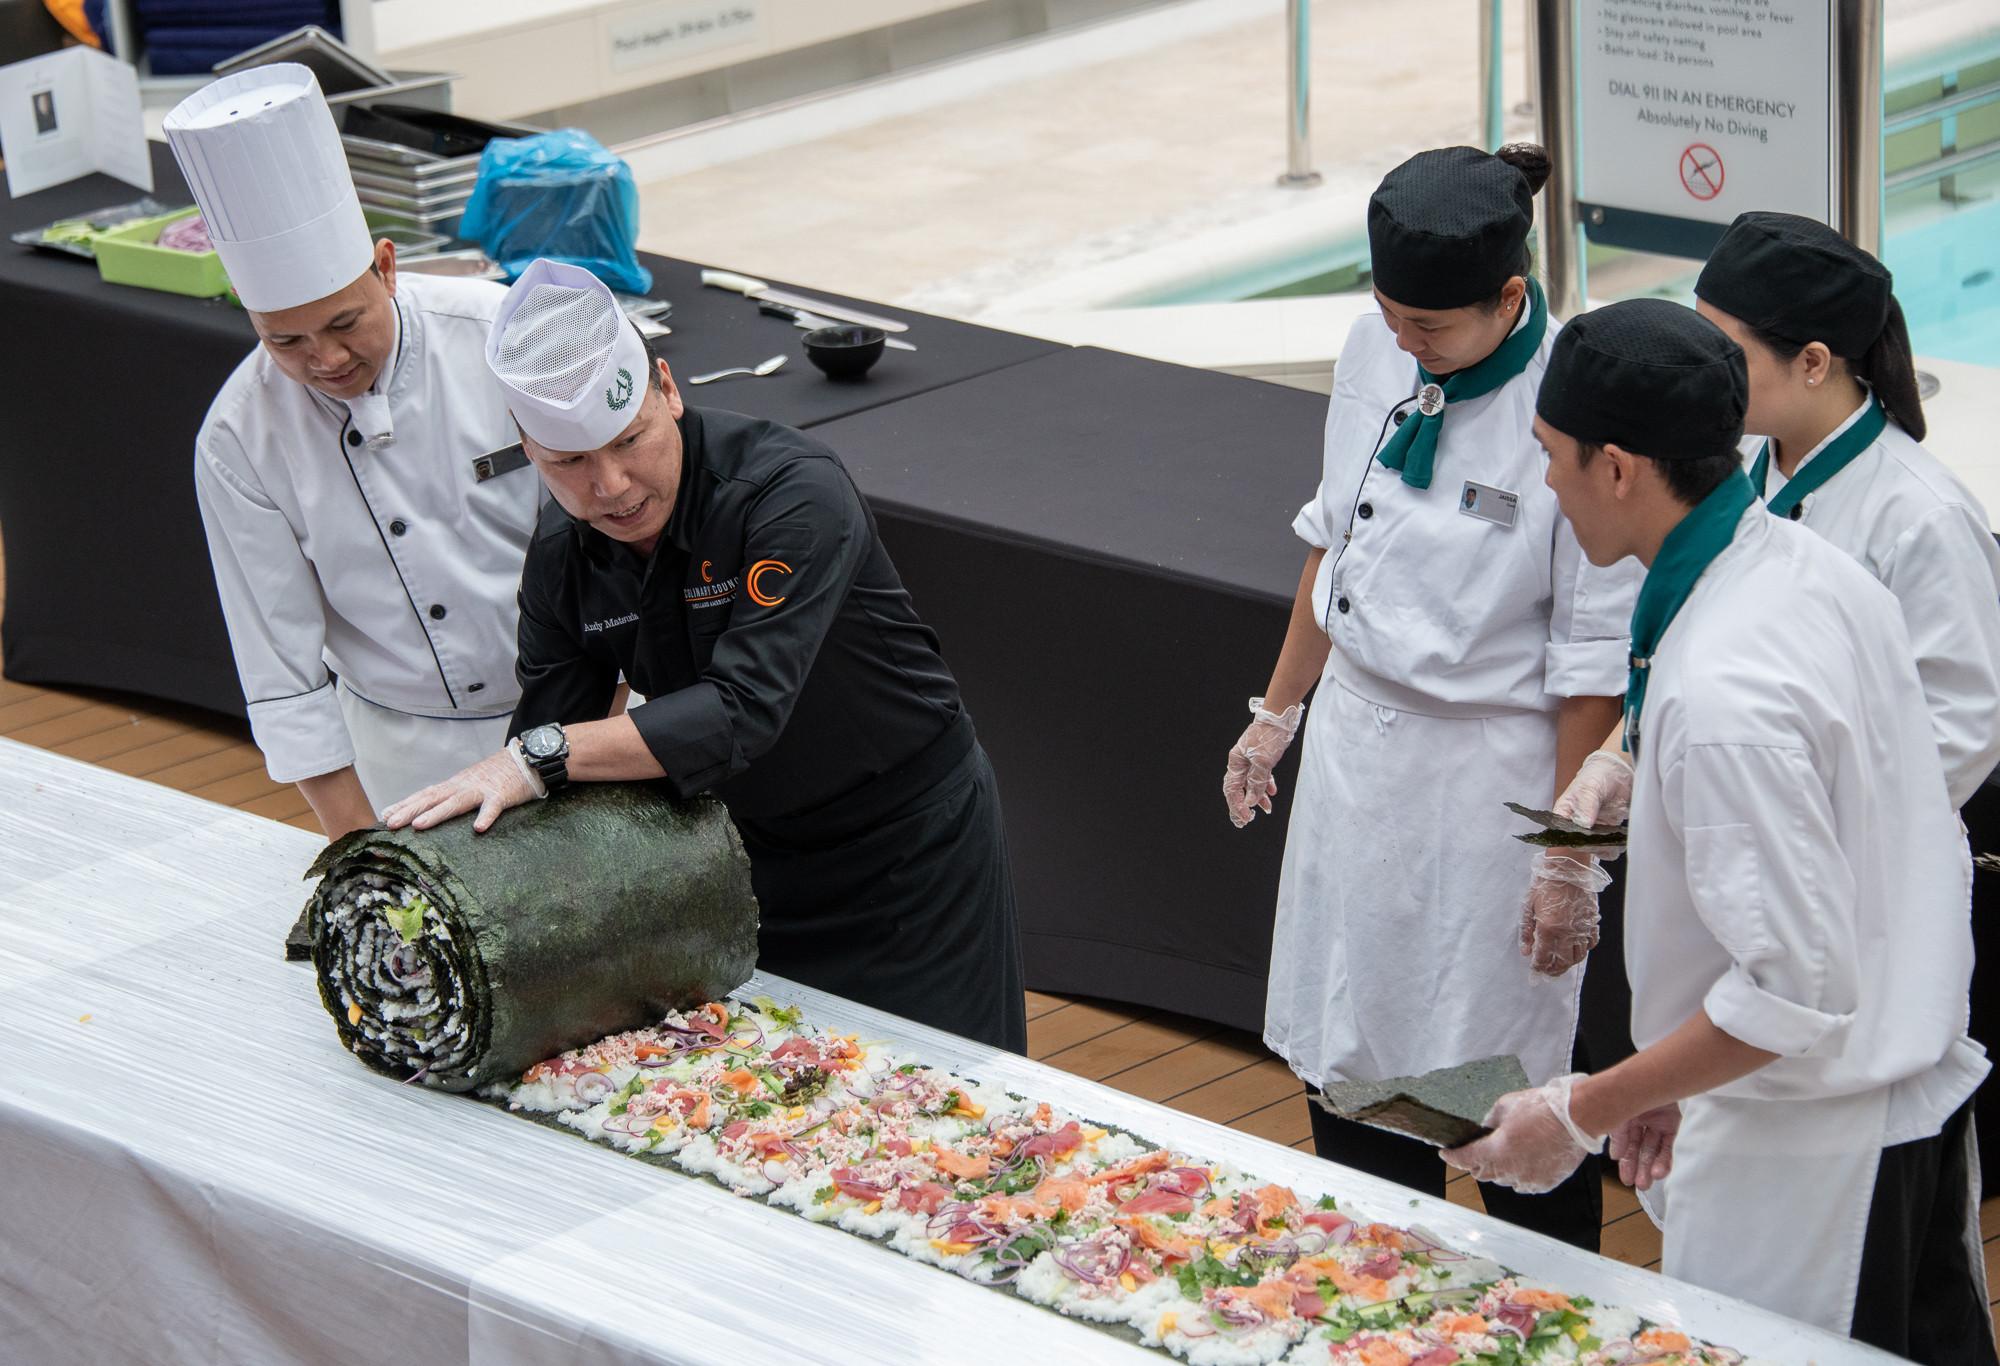 https: img-z.okeinfo.net content 2018 06 20 298 1912015 seperti-inilah-penampakan-sushi-roll-terbesar-di-dunia-berani-coba-nhAEcAUVx7.jpg